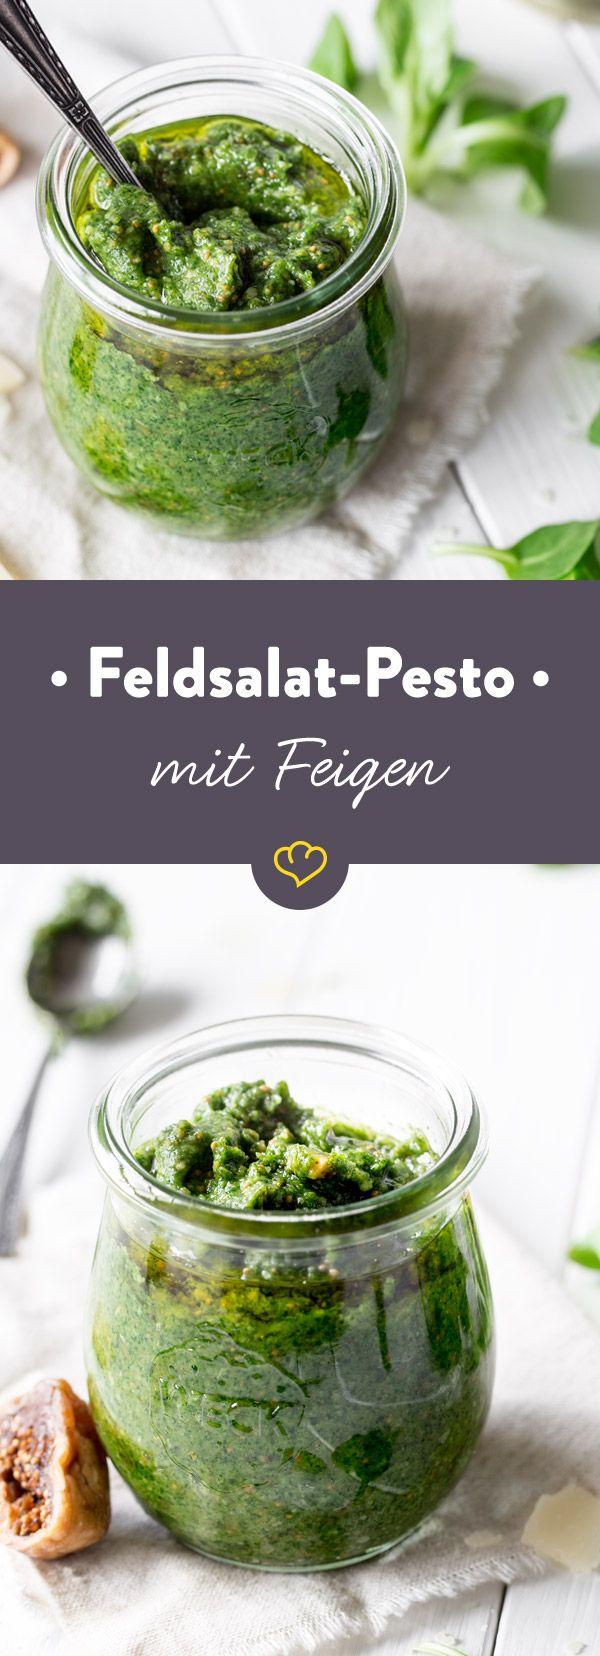 Mit Parmesan und Feigen zu Pesto püriert, zeigt sich frischer Feldsalat nur noch von seiner cremigen Seite zu Pasta, als Brotaufstrich oder in deiner Sauce.